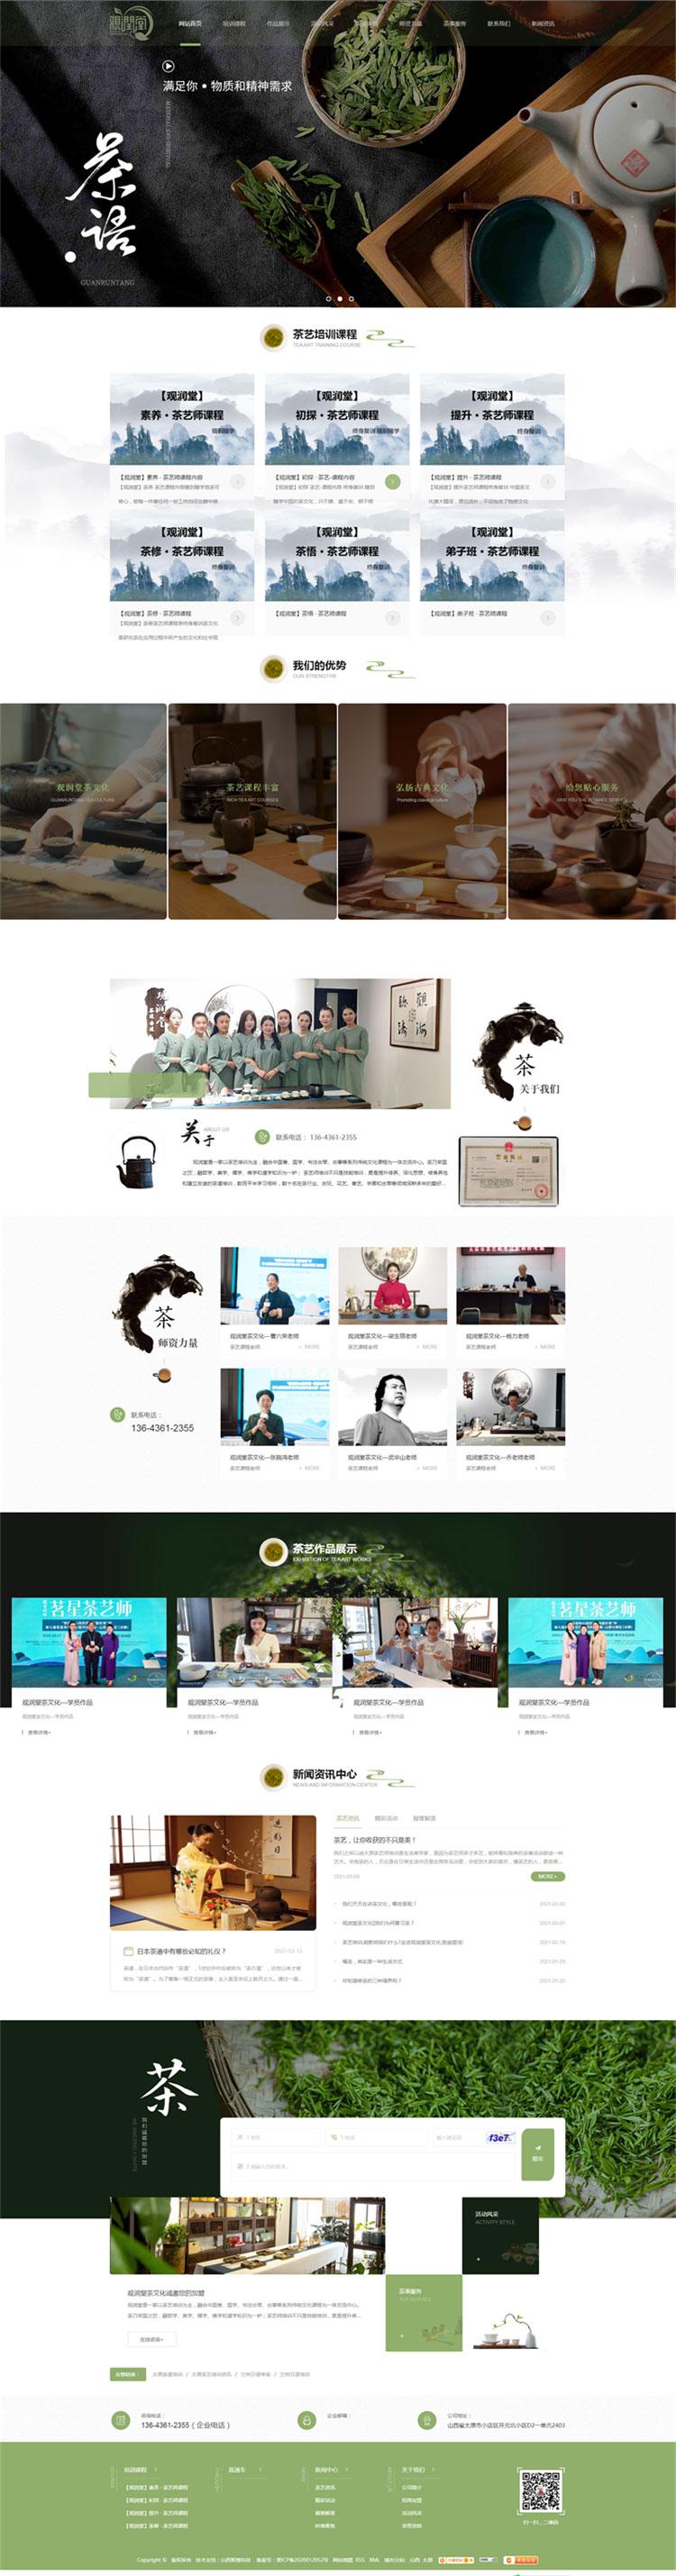 山西观润堂茶文化有限公司/营销型网站案例